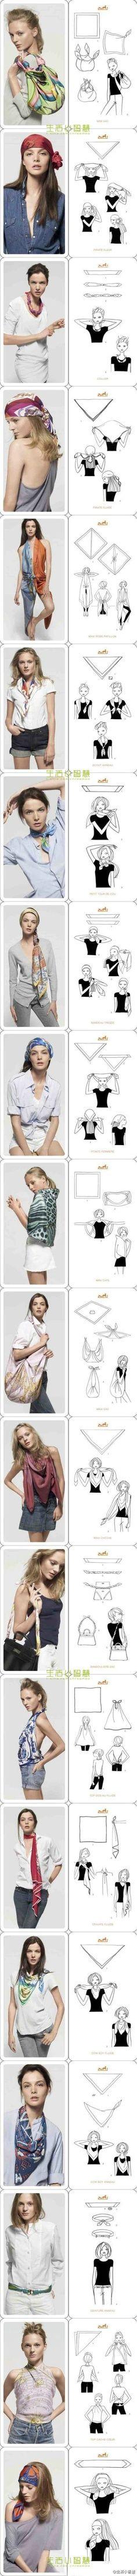 DIY - Hazlo tú misma - Usos de un pañuelo